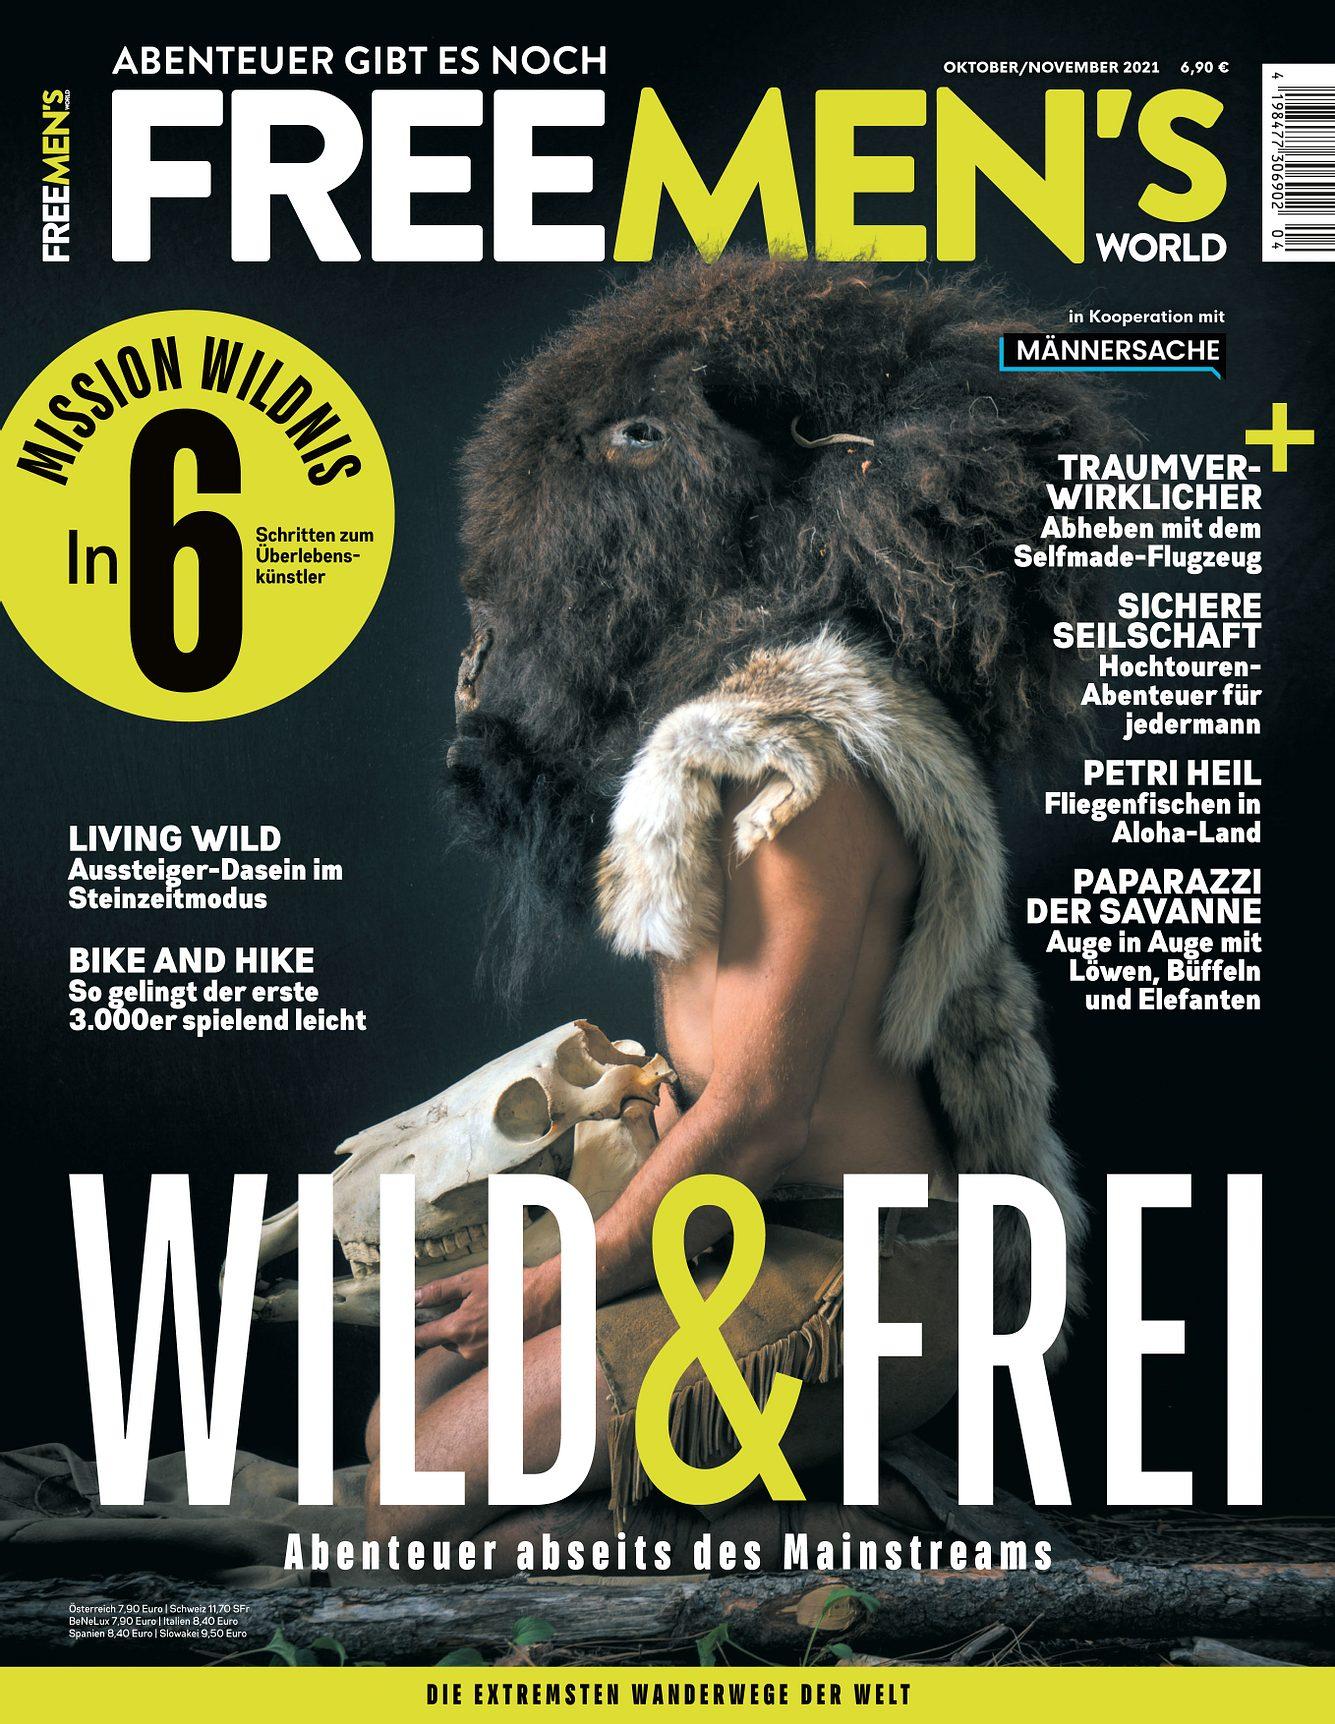 Cover der neuen FREEMEN'S WORLD